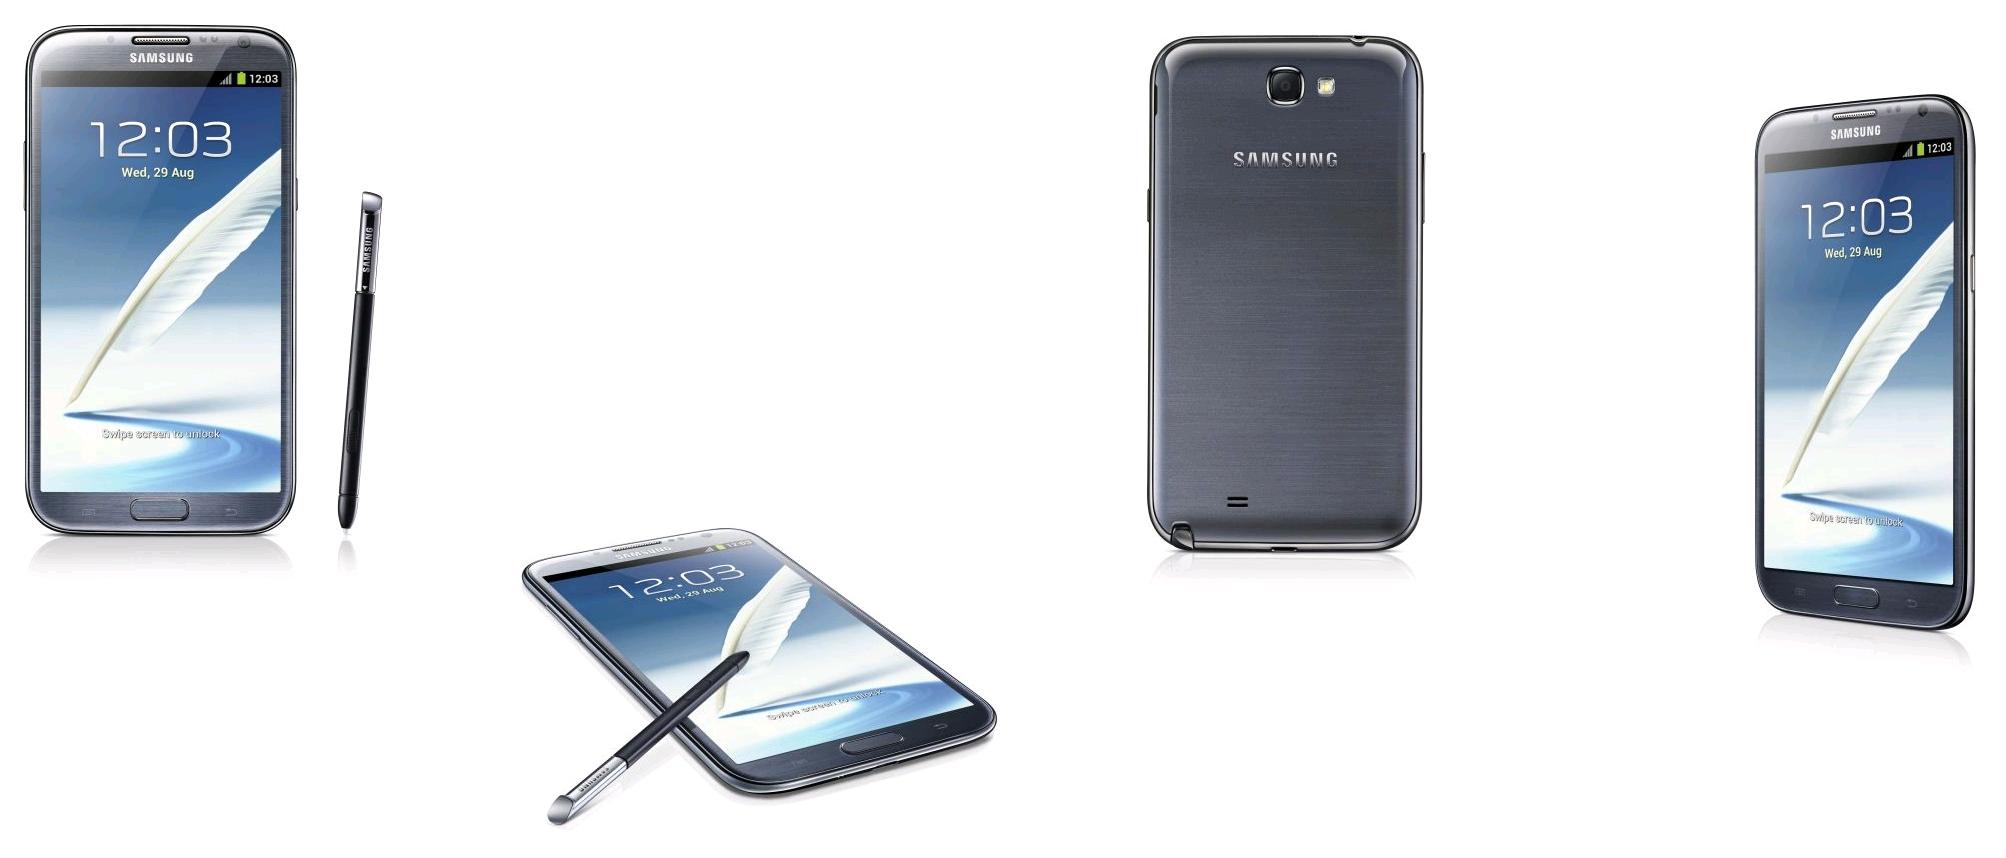 Catálogo Movistar Diciembre 2012: Galaxy Note II y Galaxy S III Mini